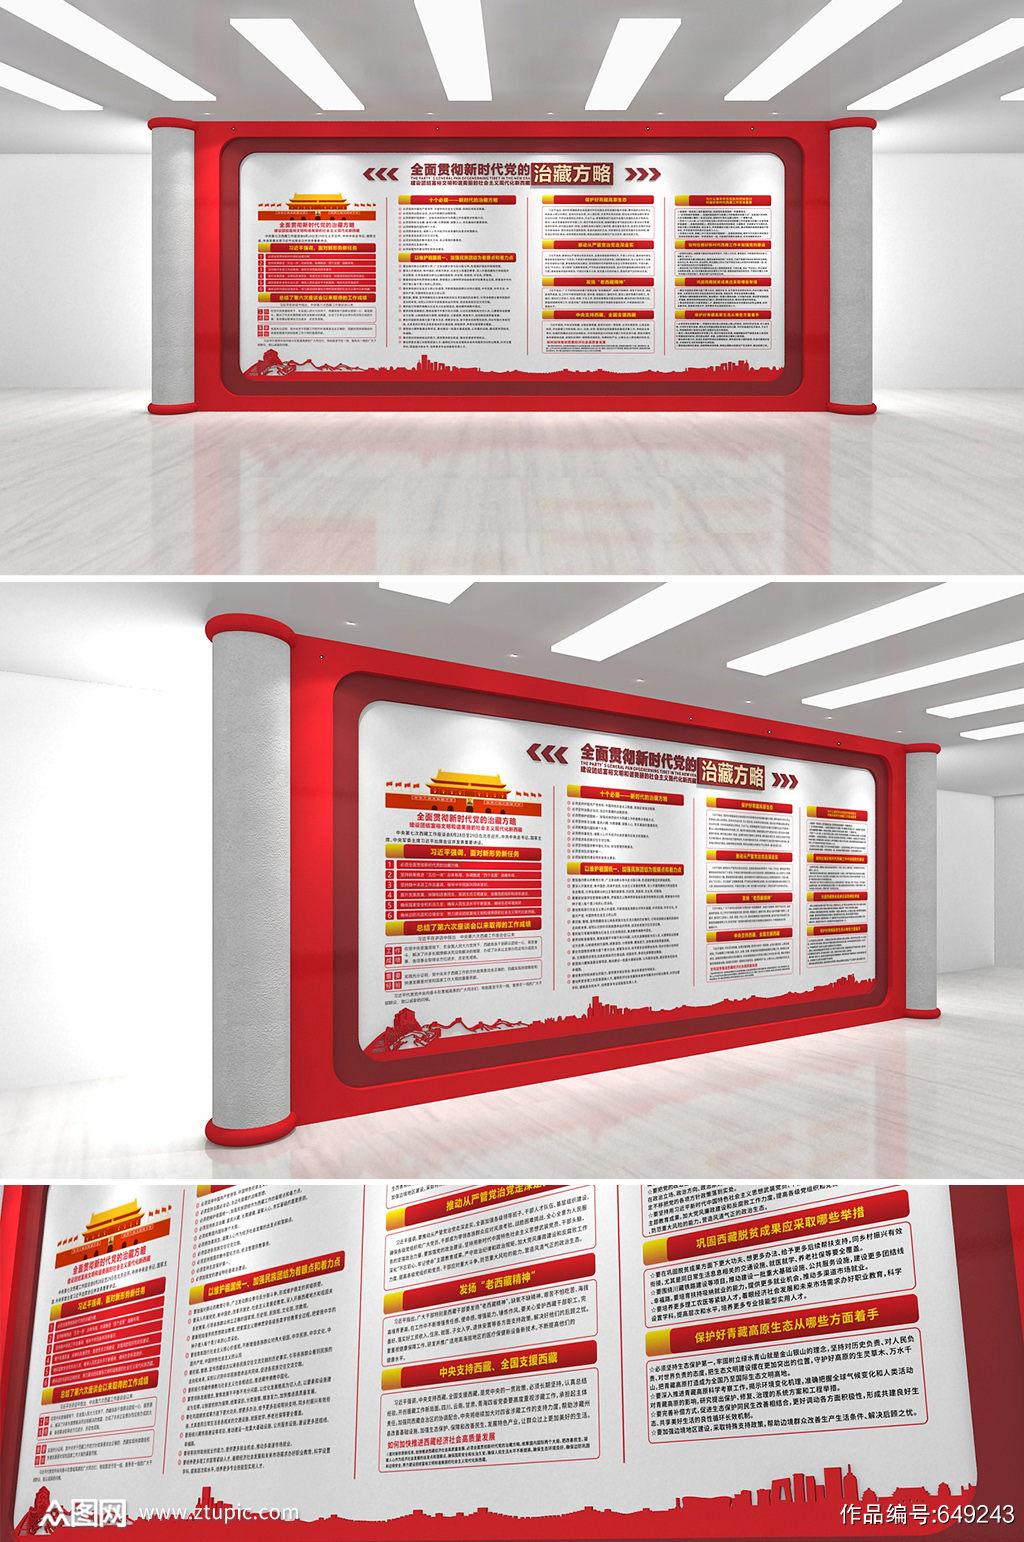 红色党建大气治藏方针西藏党建文化墙素材